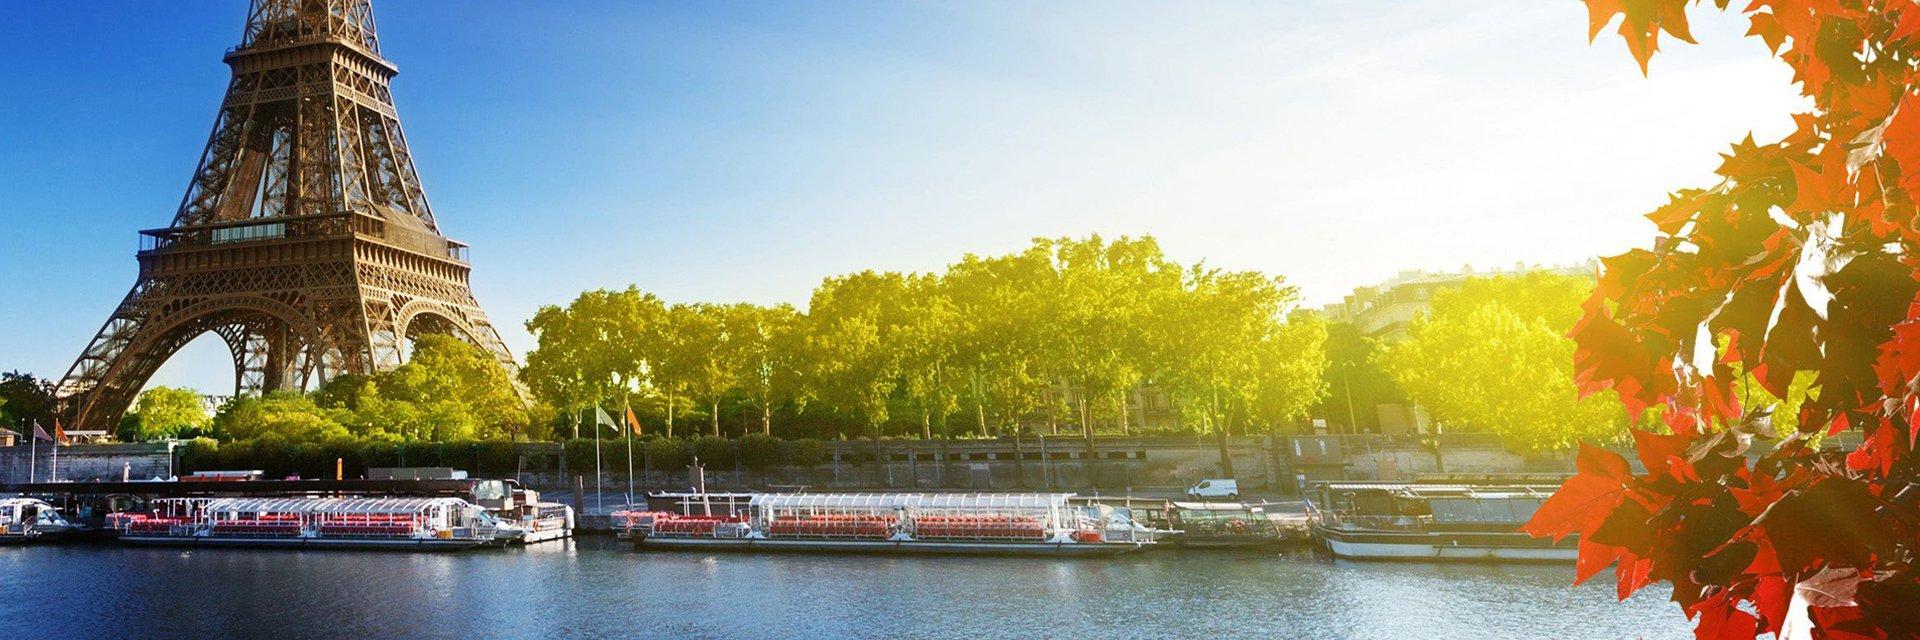 Туры во Францию 2020, путевки из Москвы - цены на отдых во Франции - ПАКС